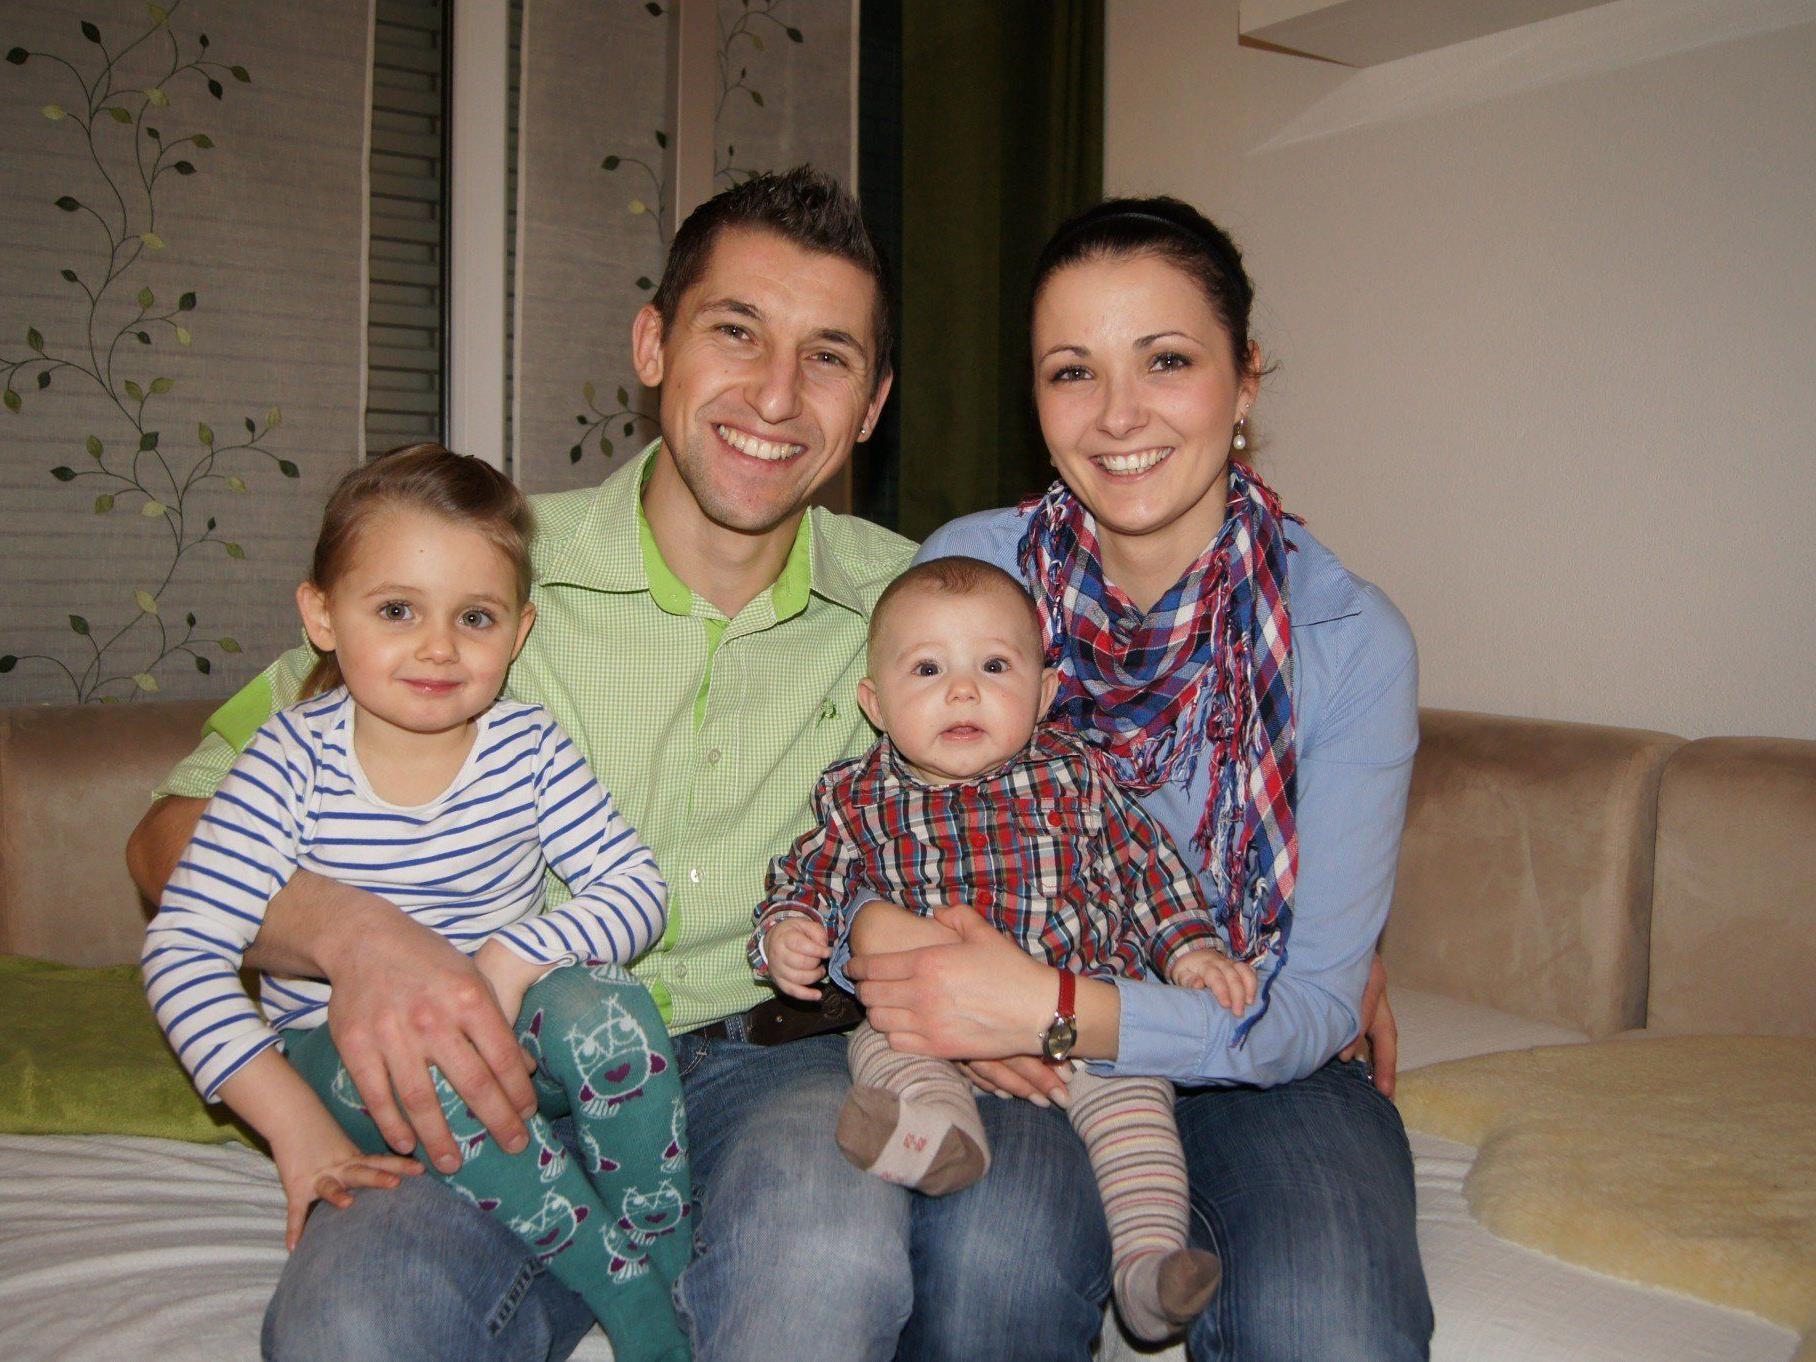 Freude auf den besonderen Tag: Angelina und Daniel mit ihren Kindern im trauten Heim in Dornbirn.